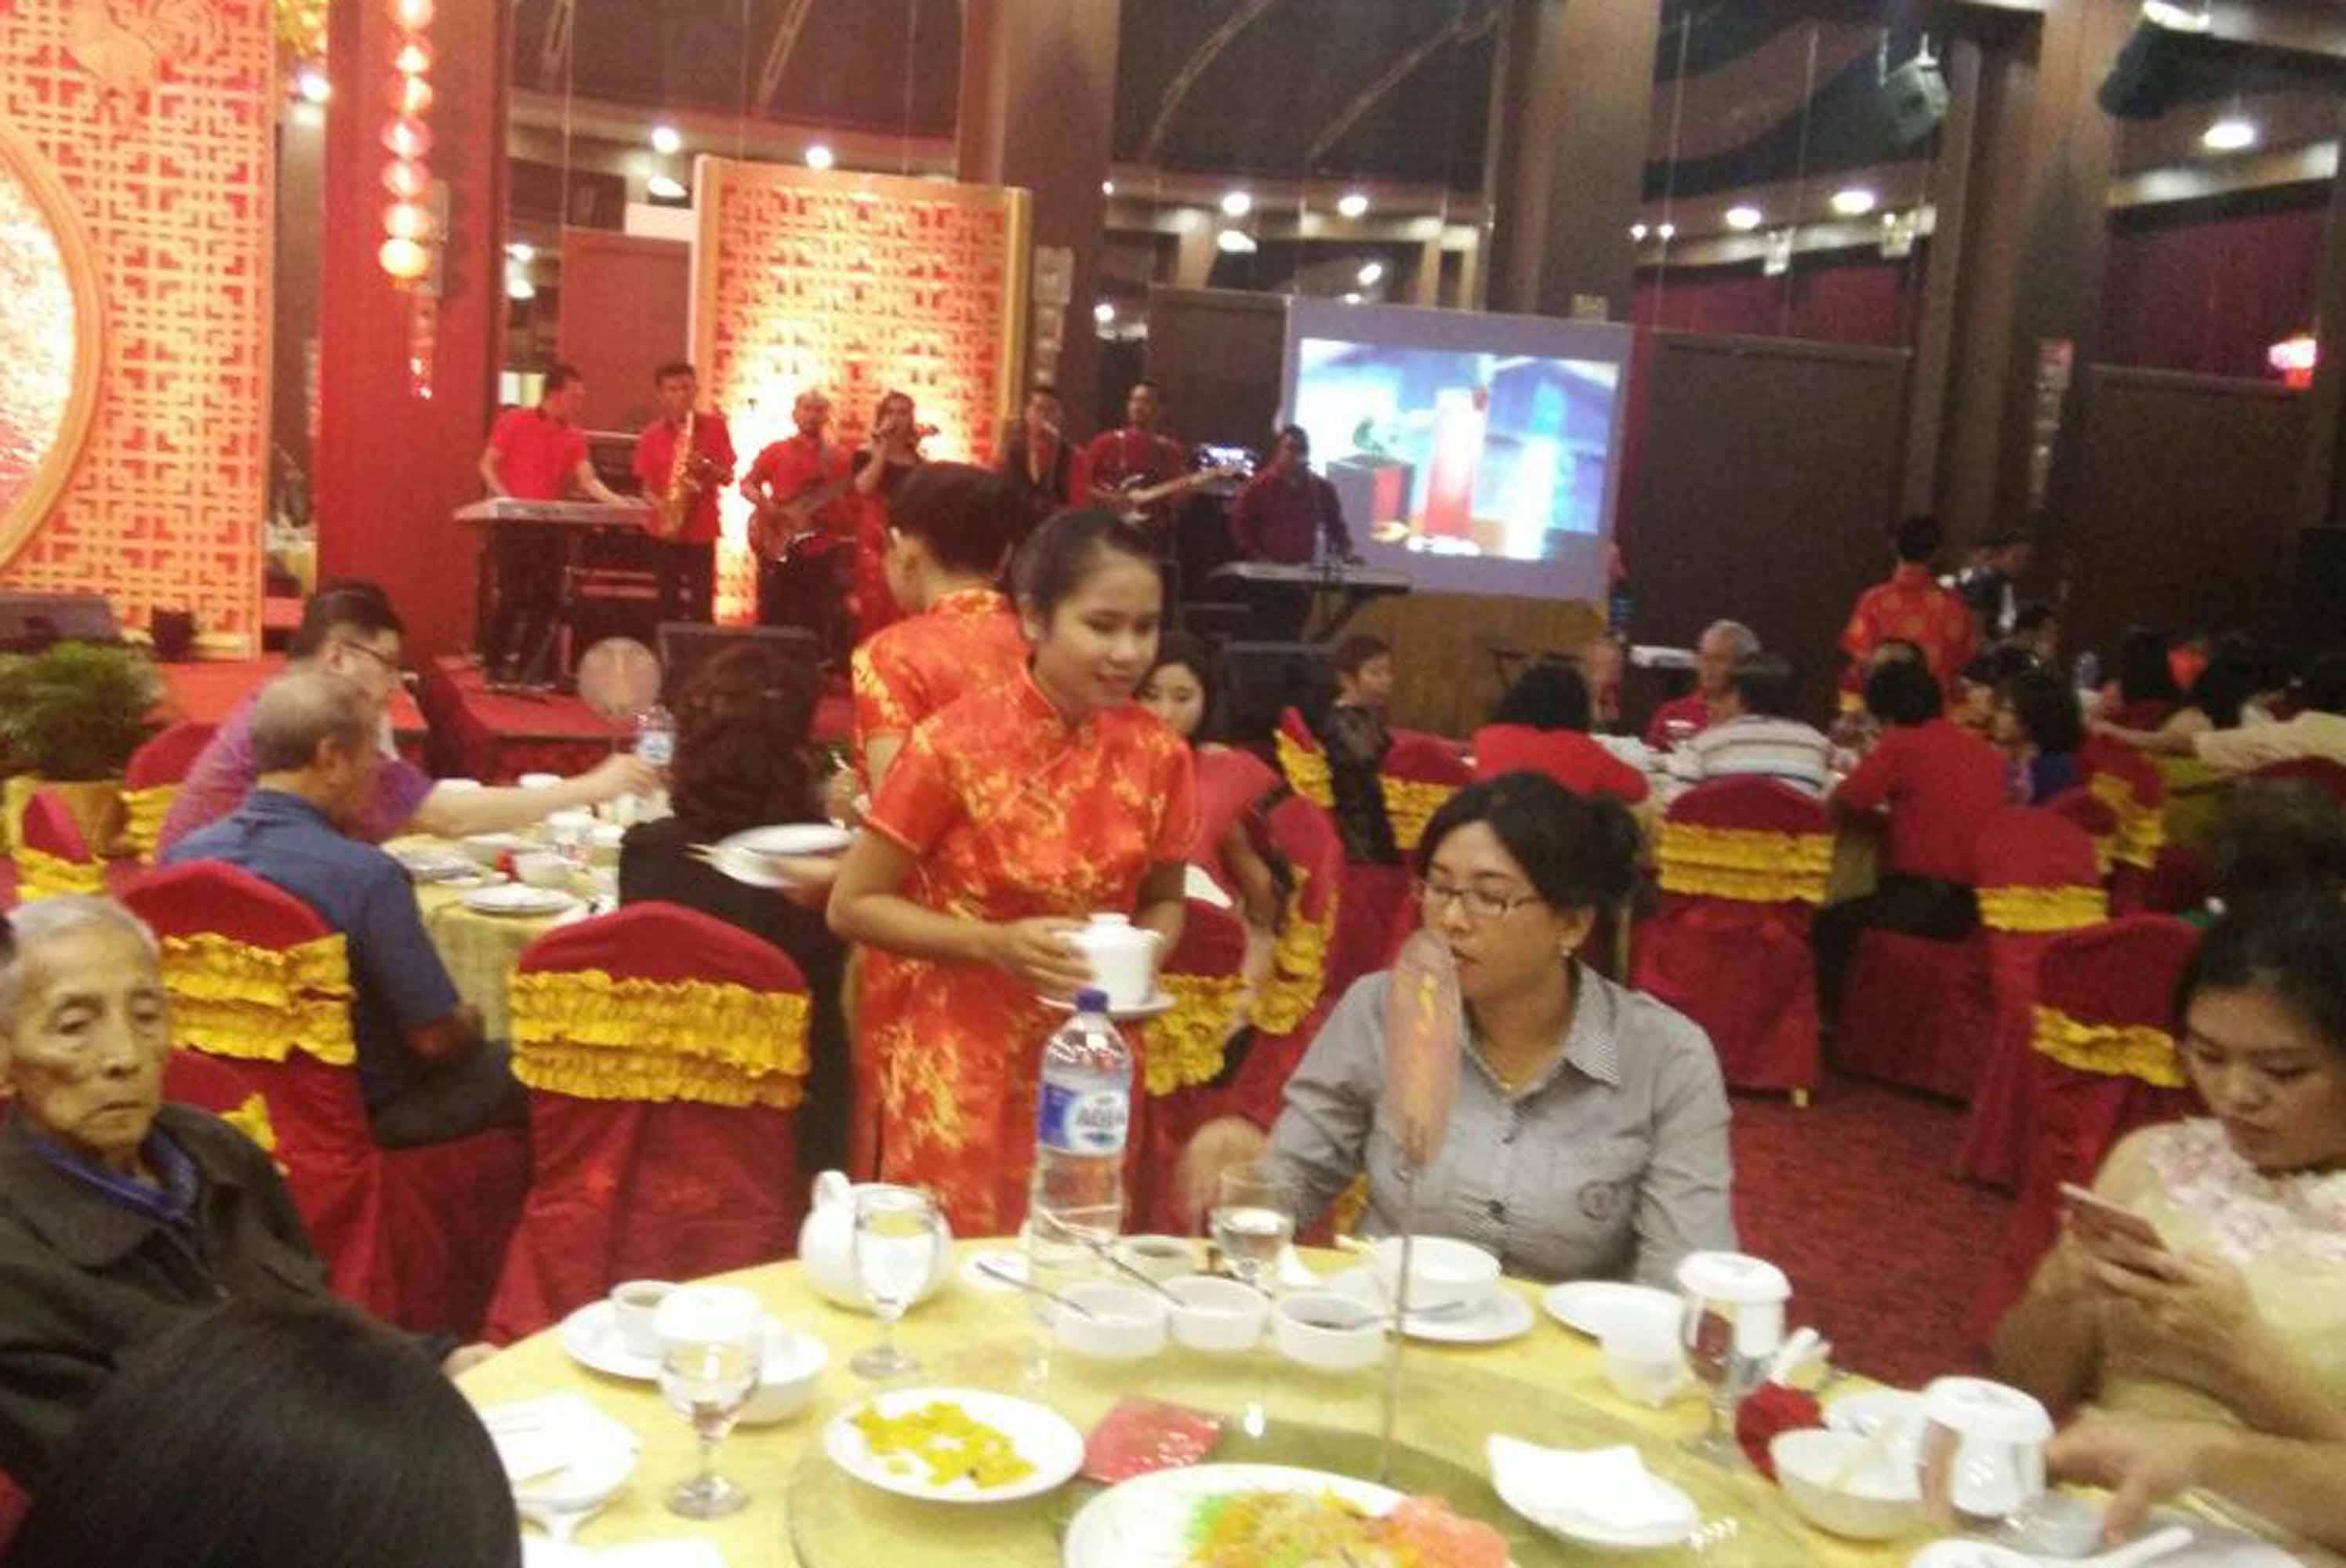 Suasana malam perayaan tahun baru Imlek di Hotel Horizon, Bandarlampung.  (Lampungnews/Davit)